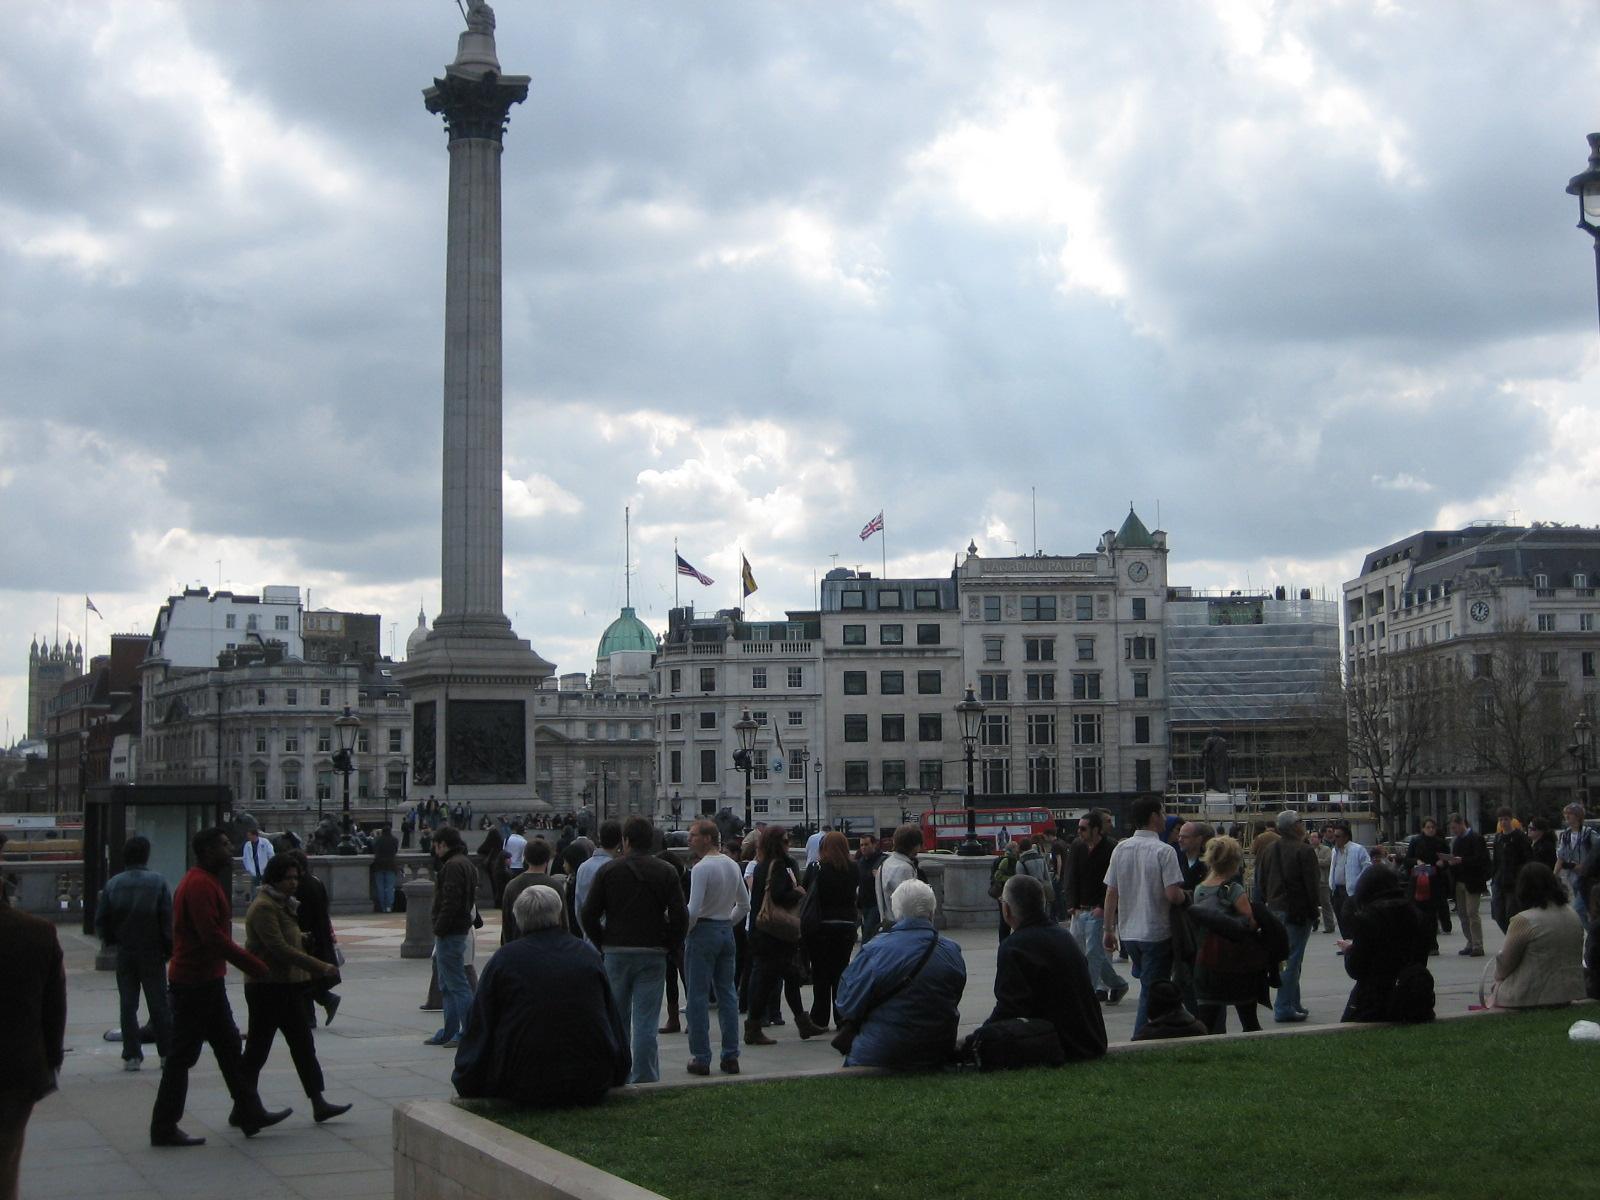 ロンドン滞在記パート3_c0136871_19525470.jpg